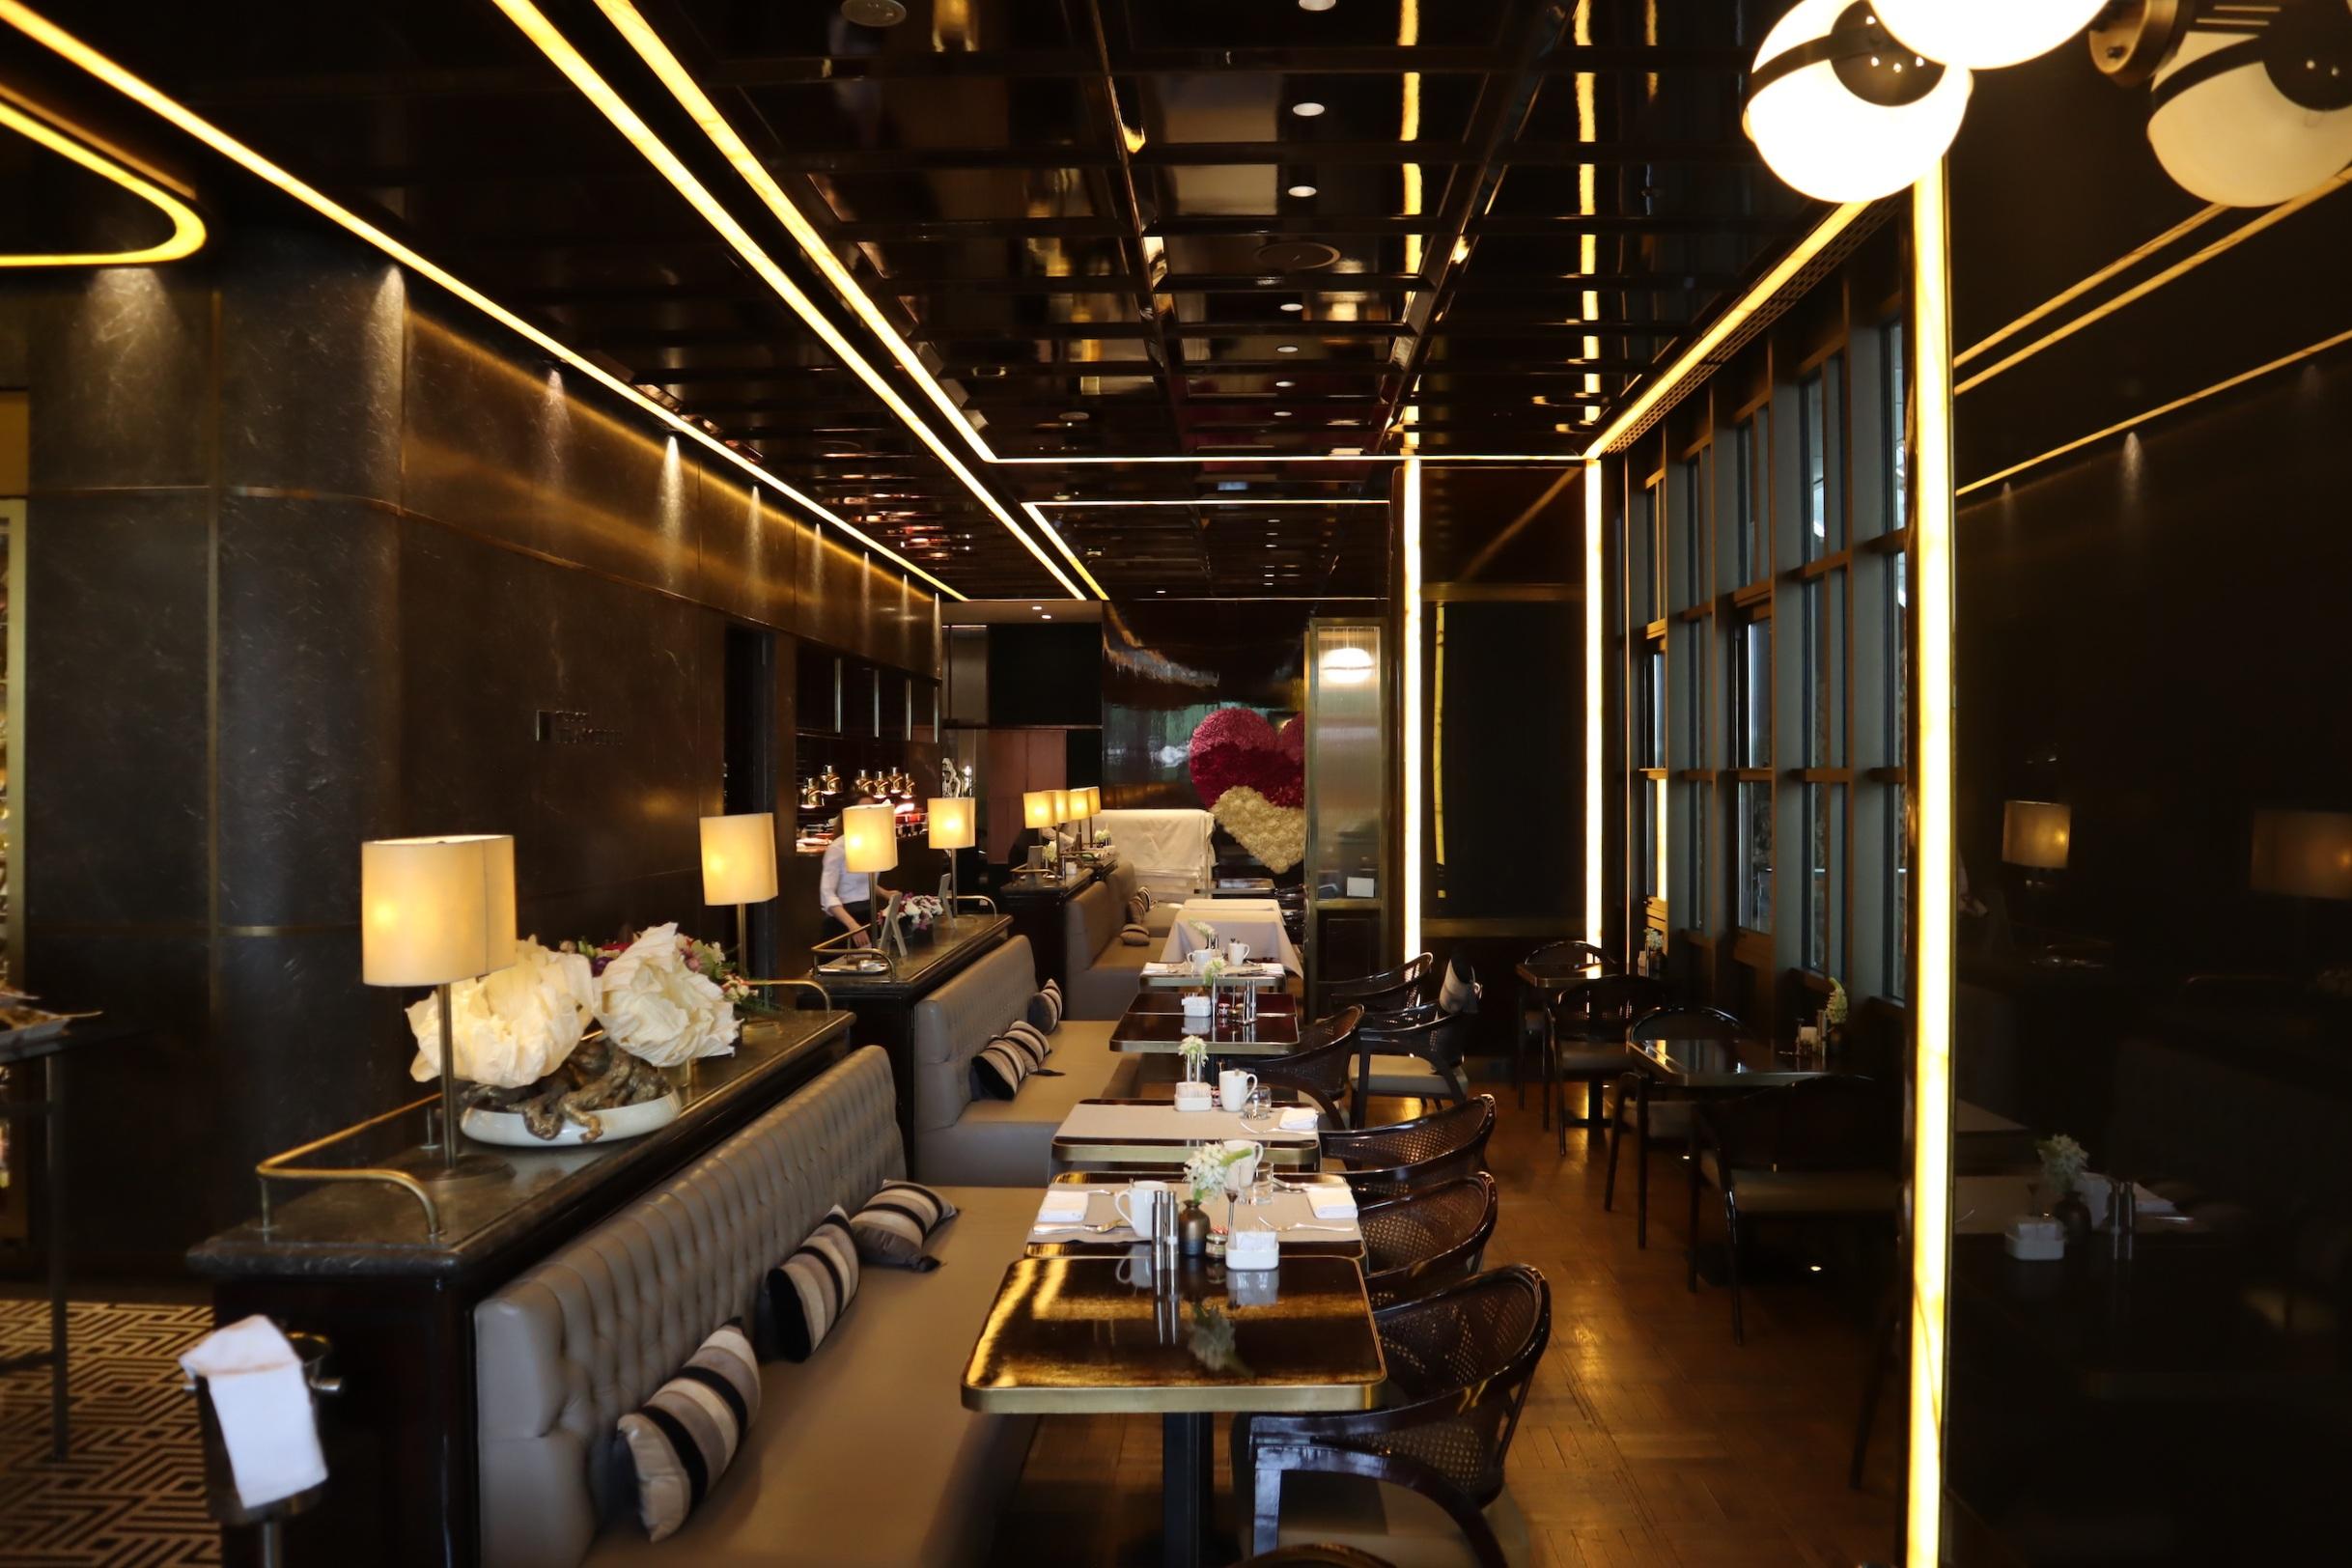 St. Regis Istanbul – St. Regis Brasserie indoor seating